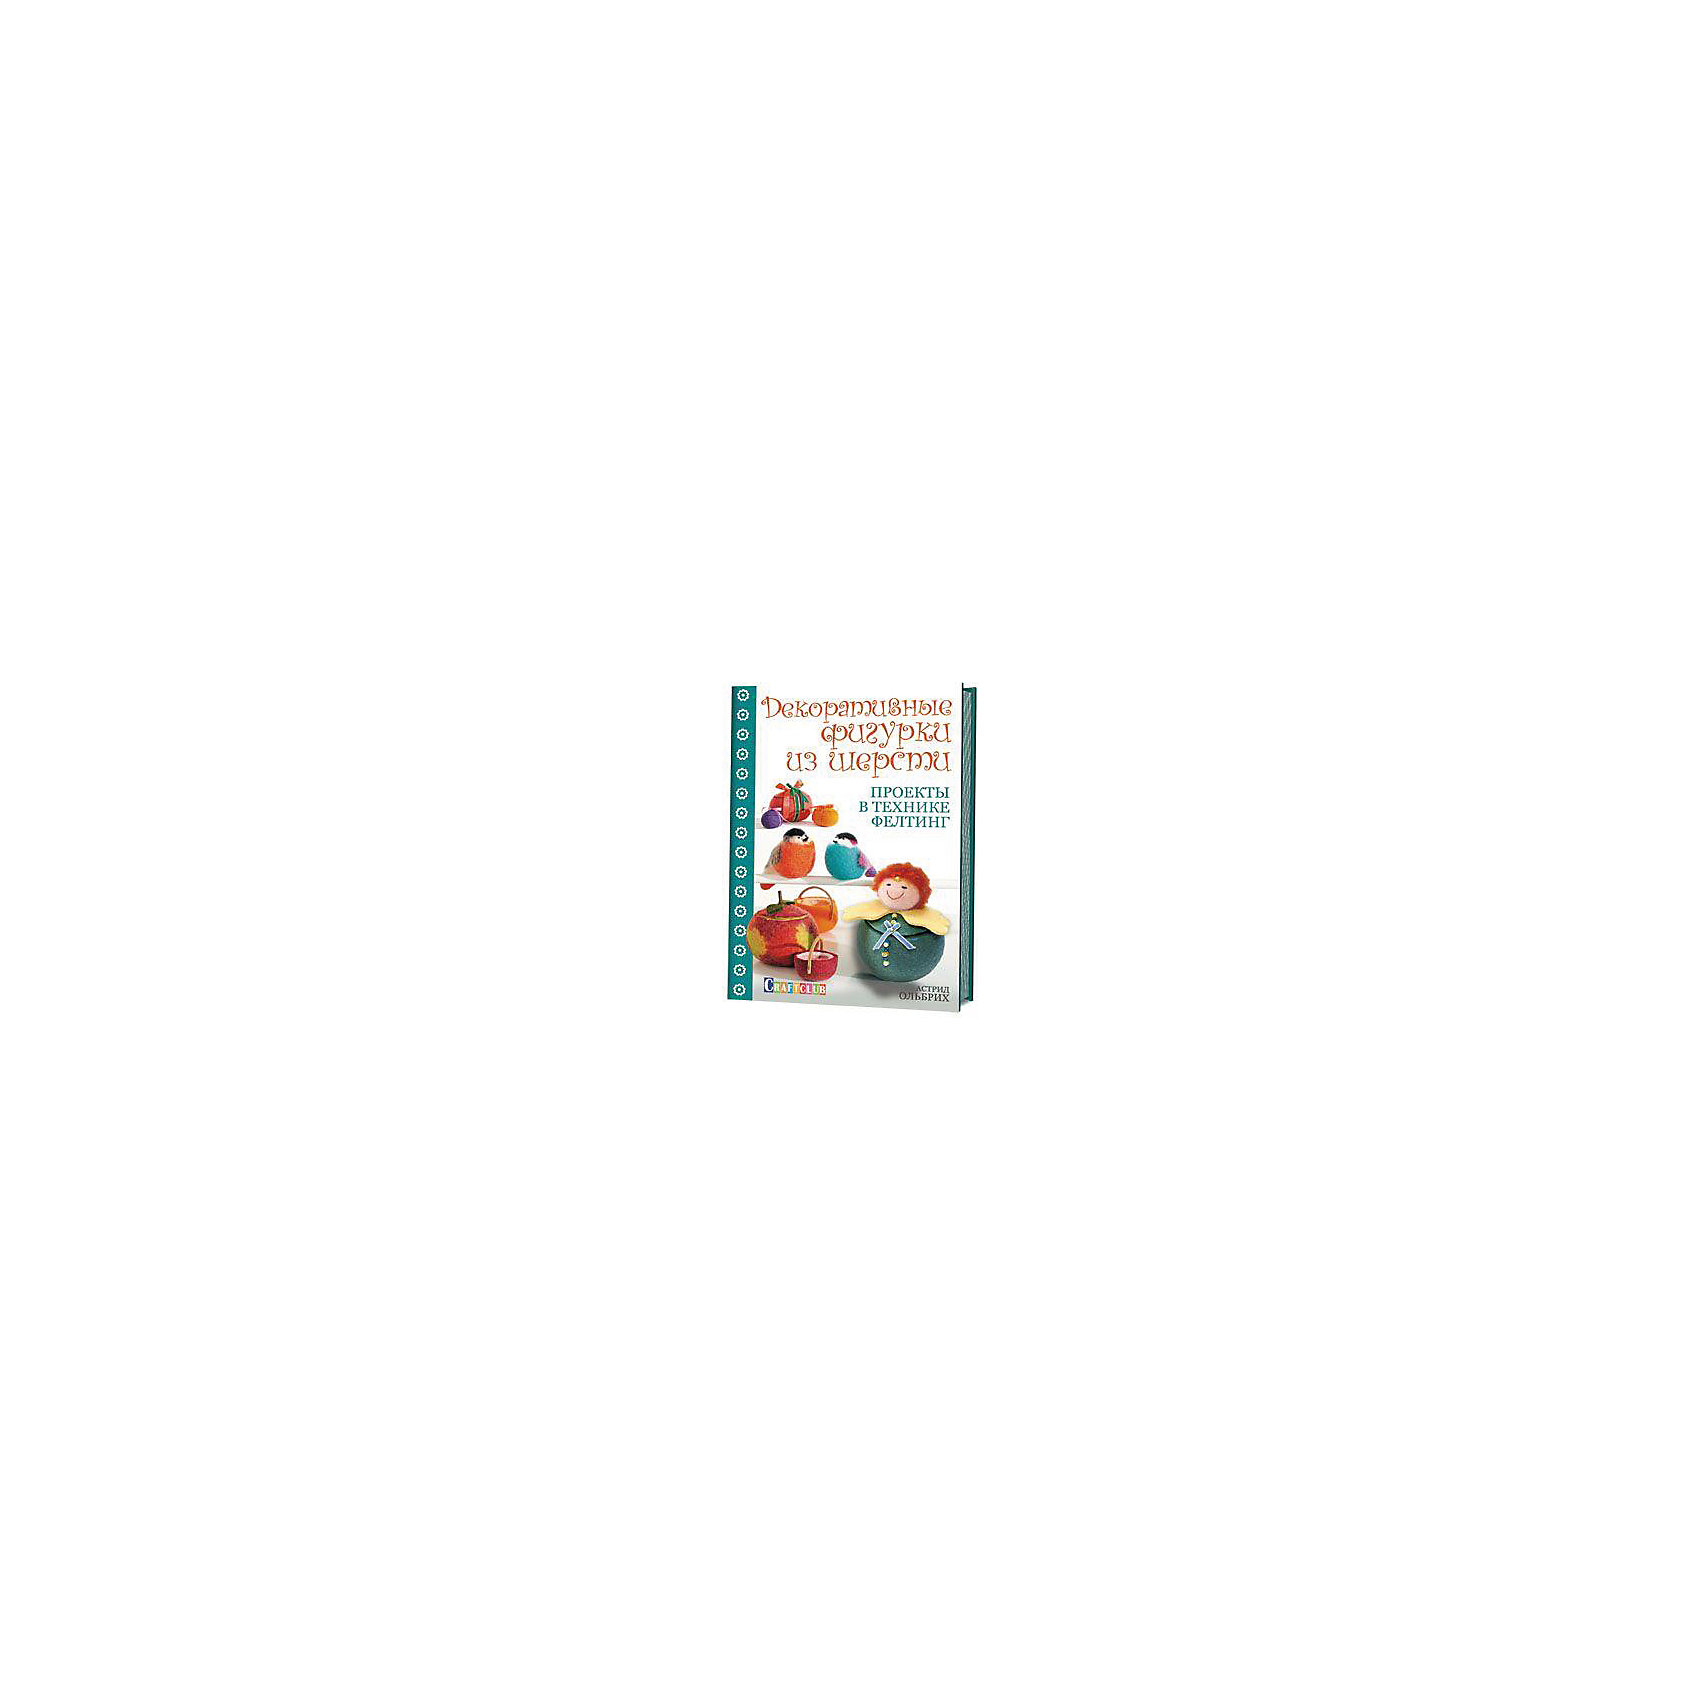 Декоративные фигурки из шерсти.Проекты в технике фелтингСегодня войлок - один из самых популярных материалов для декоративного творчества. Он легок в применении и предлагает широкие возможности для проявления фантазии. Следуя подробным инструкциям и проверенным советам из этой книги, вы сможете создать корзинки, коробочки и шкатулки, украшения в виде цветов и животных, декорации на Новый год. Пасху и другие праздники. Но самое главное - вам не нужно будет тратить время на сам процесс валяния: это за вас сделает стиральная машинка! Вам лишь останется достать из нее милые и забавные аксессуары. Мы уверены: совсем скоро у вас появится настоящая коллекция собственноручно изготовленных декоративных вещиц, а в дальнейшем вы с легкостью сможете придумать новые модели самостоятельно. Приятного творчества!<br><br>Ширина мм: 170<br>Глубина мм: 5<br>Высота мм: 240<br>Вес г: 100<br>Возраст от месяцев: 192<br>Возраст до месяцев: 540<br>Пол: Унисекс<br>Возраст: Детский<br>SKU: 5162727